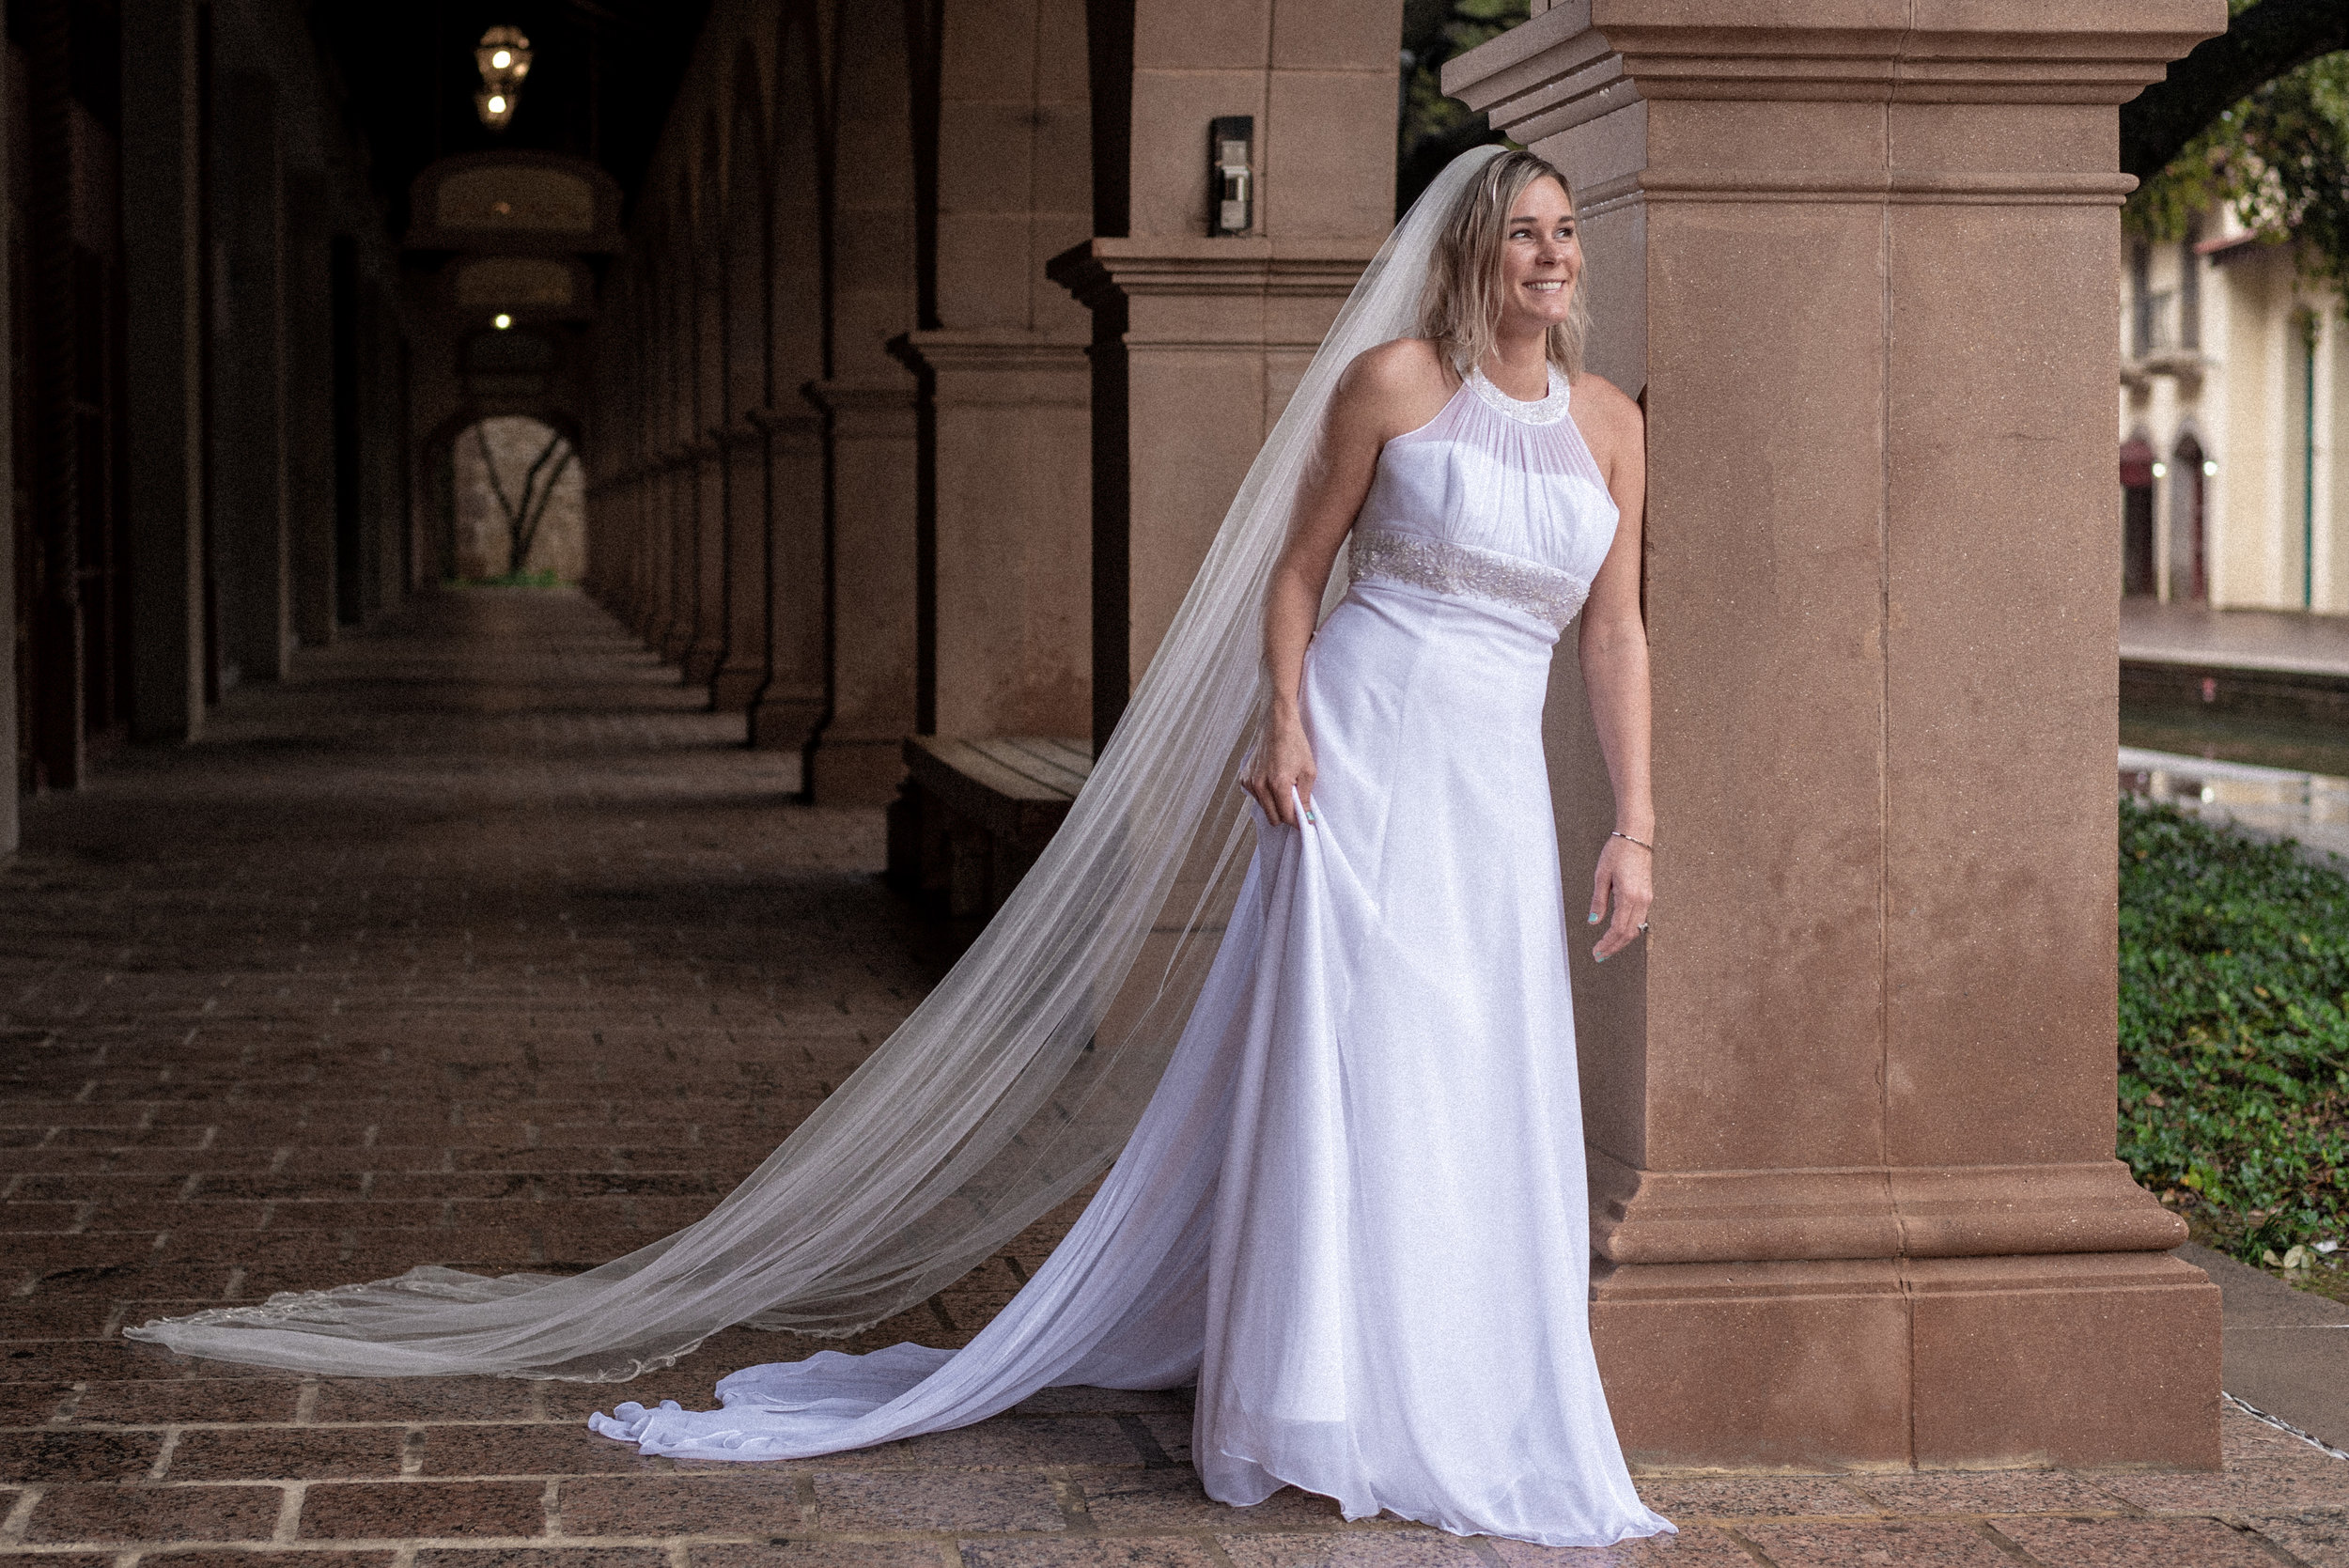 Wedding-Photographer-Dallas-Terry-McCranie-Sallee-Workshop-2.jpg